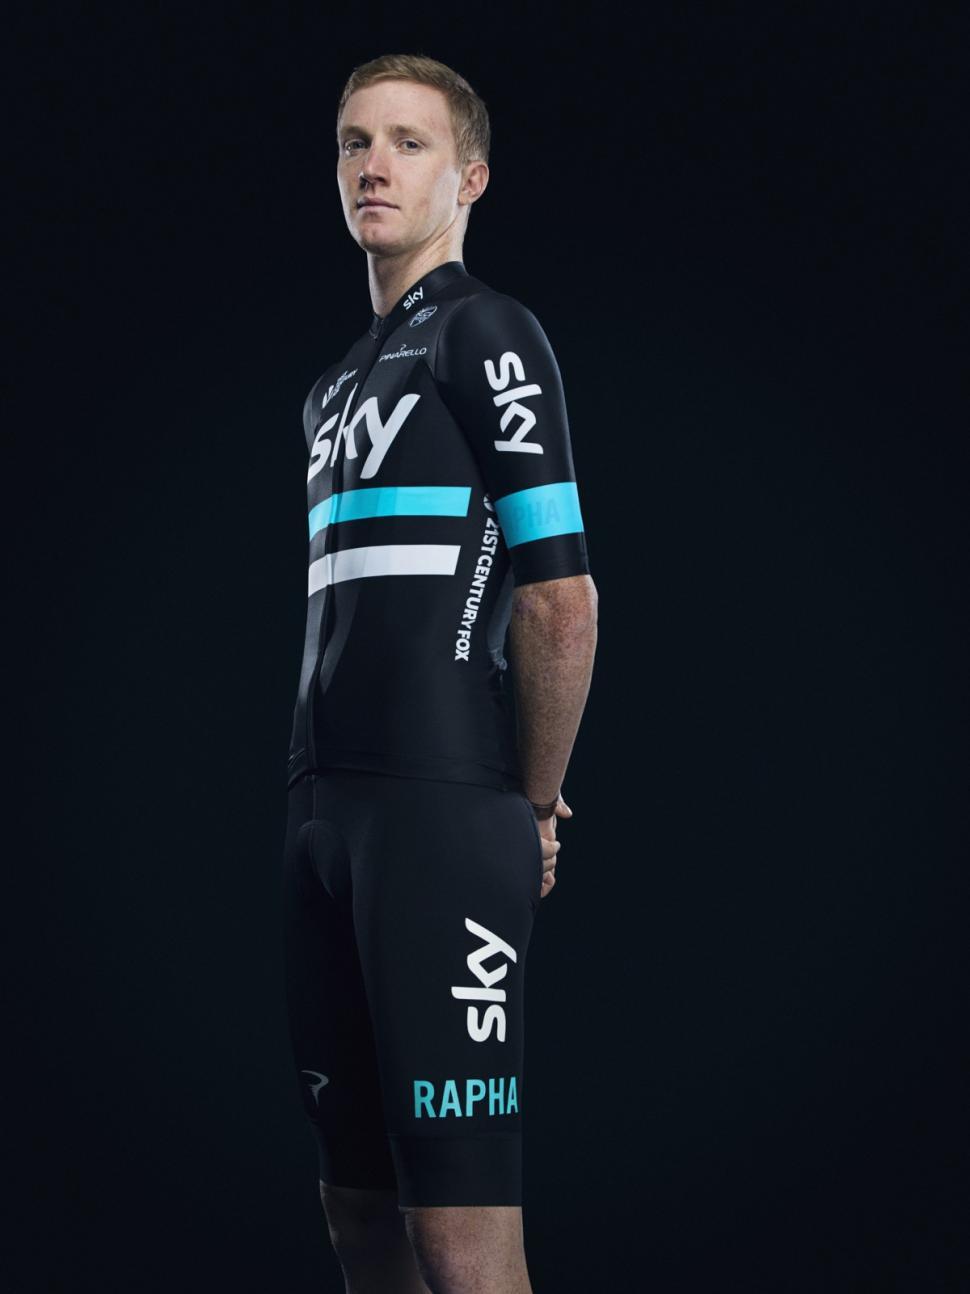 99940dc6f Rapha announces 2016 Team Sky kit